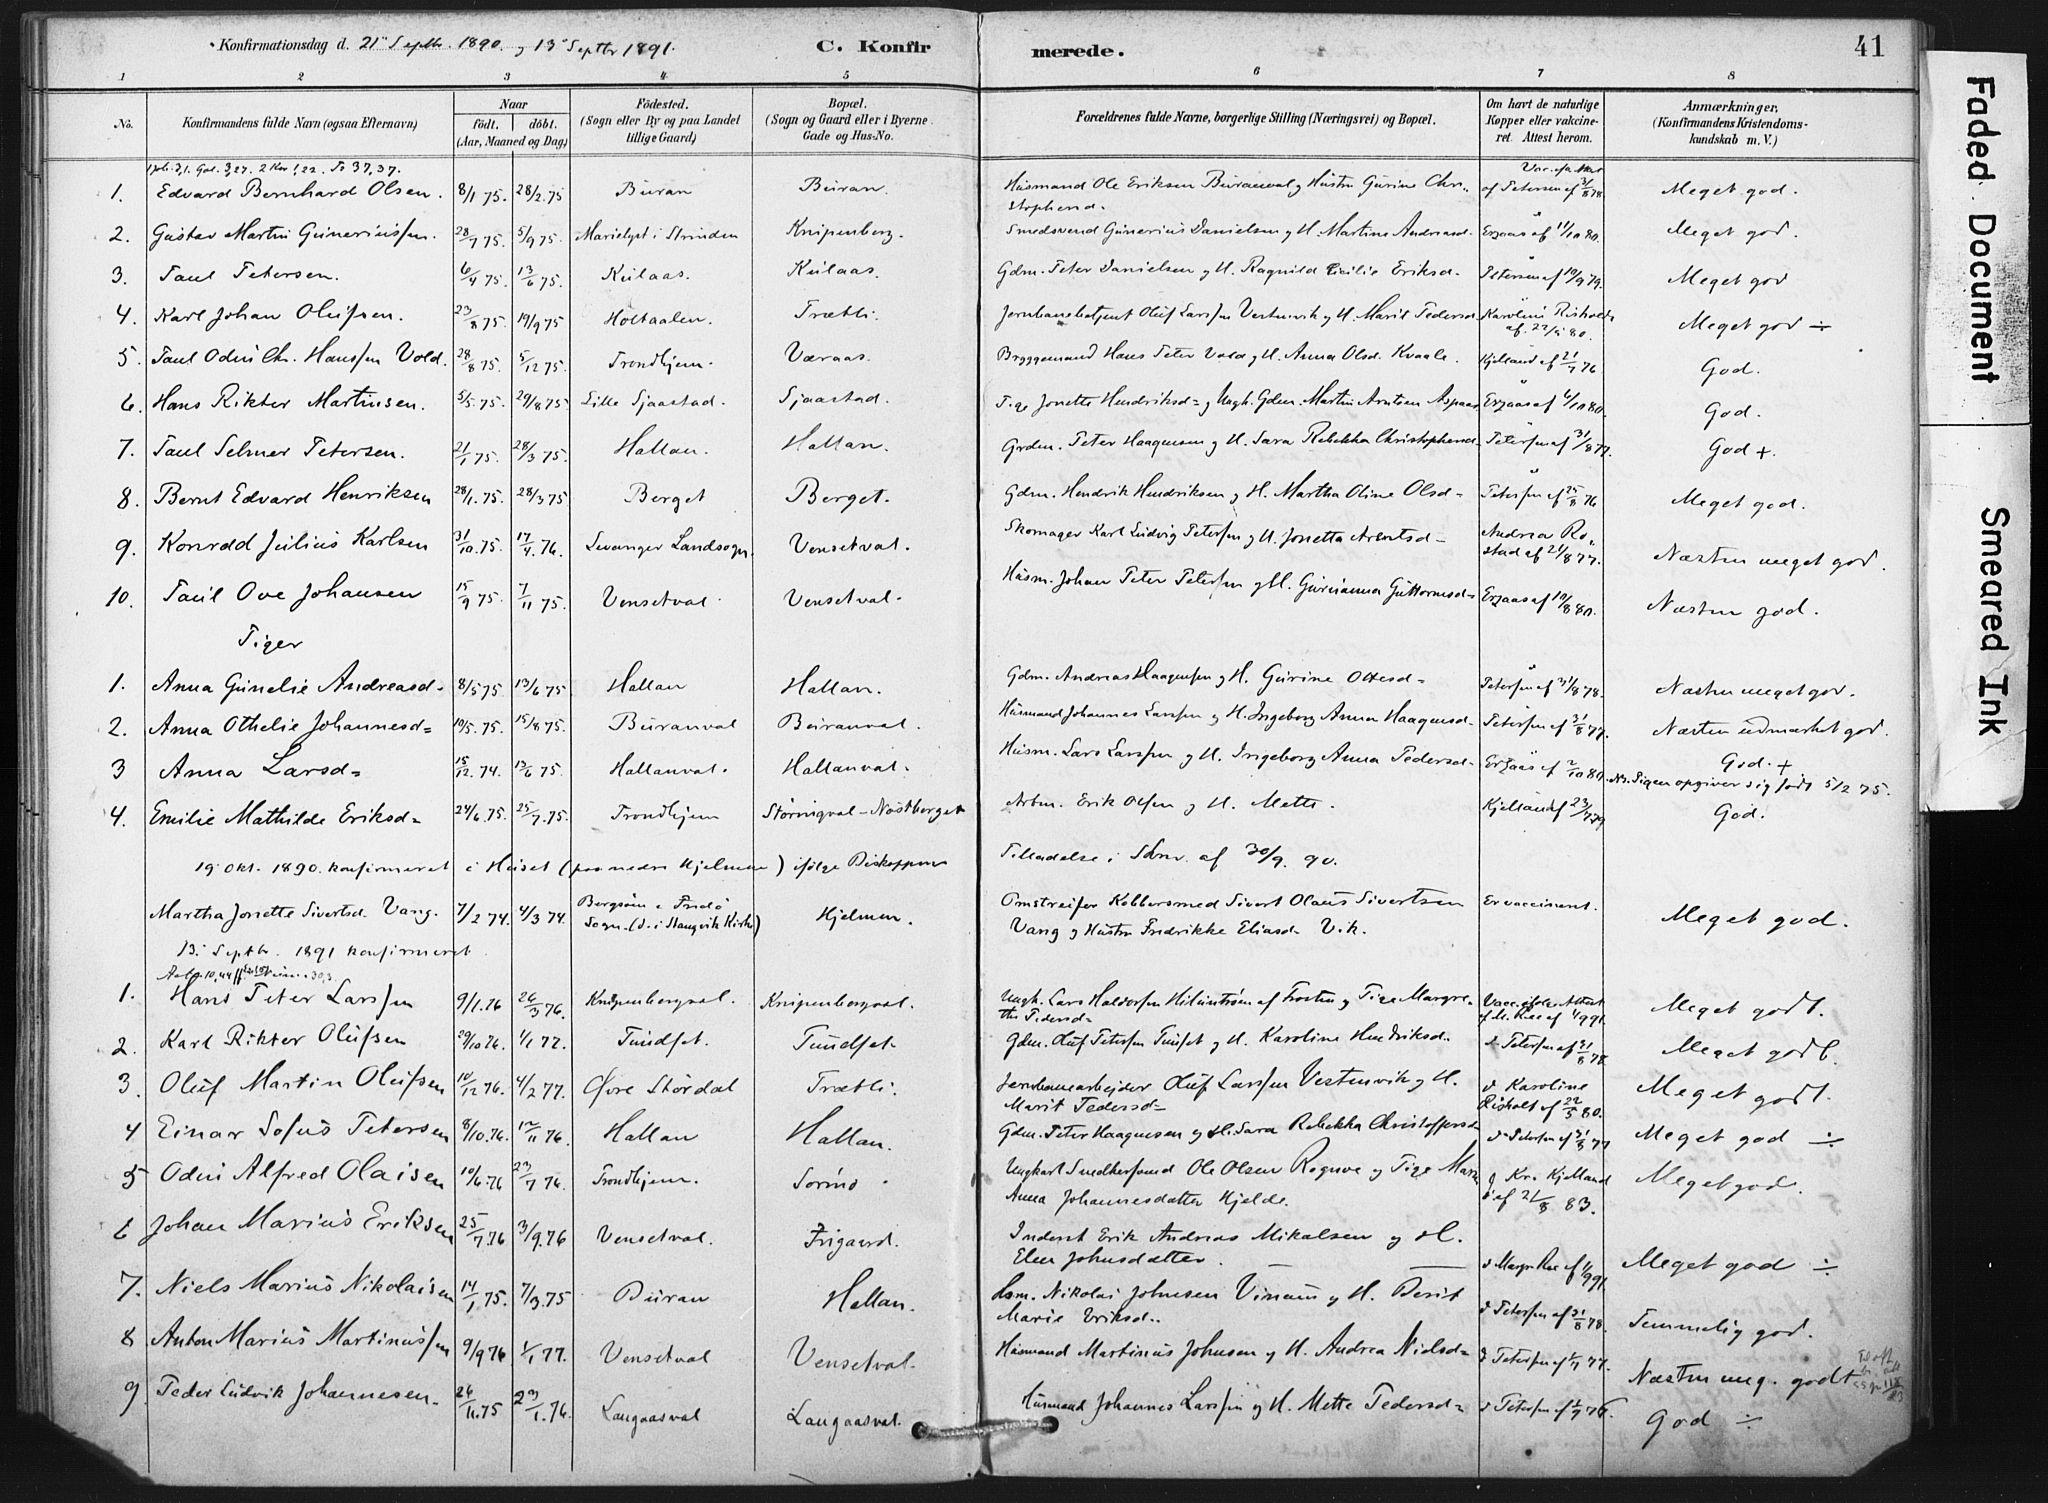 SAT, Ministerialprotokoller, klokkerbøker og fødselsregistre - Nord-Trøndelag, 718/L0175: Ministerialbok nr. 718A01, 1890-1923, s. 41